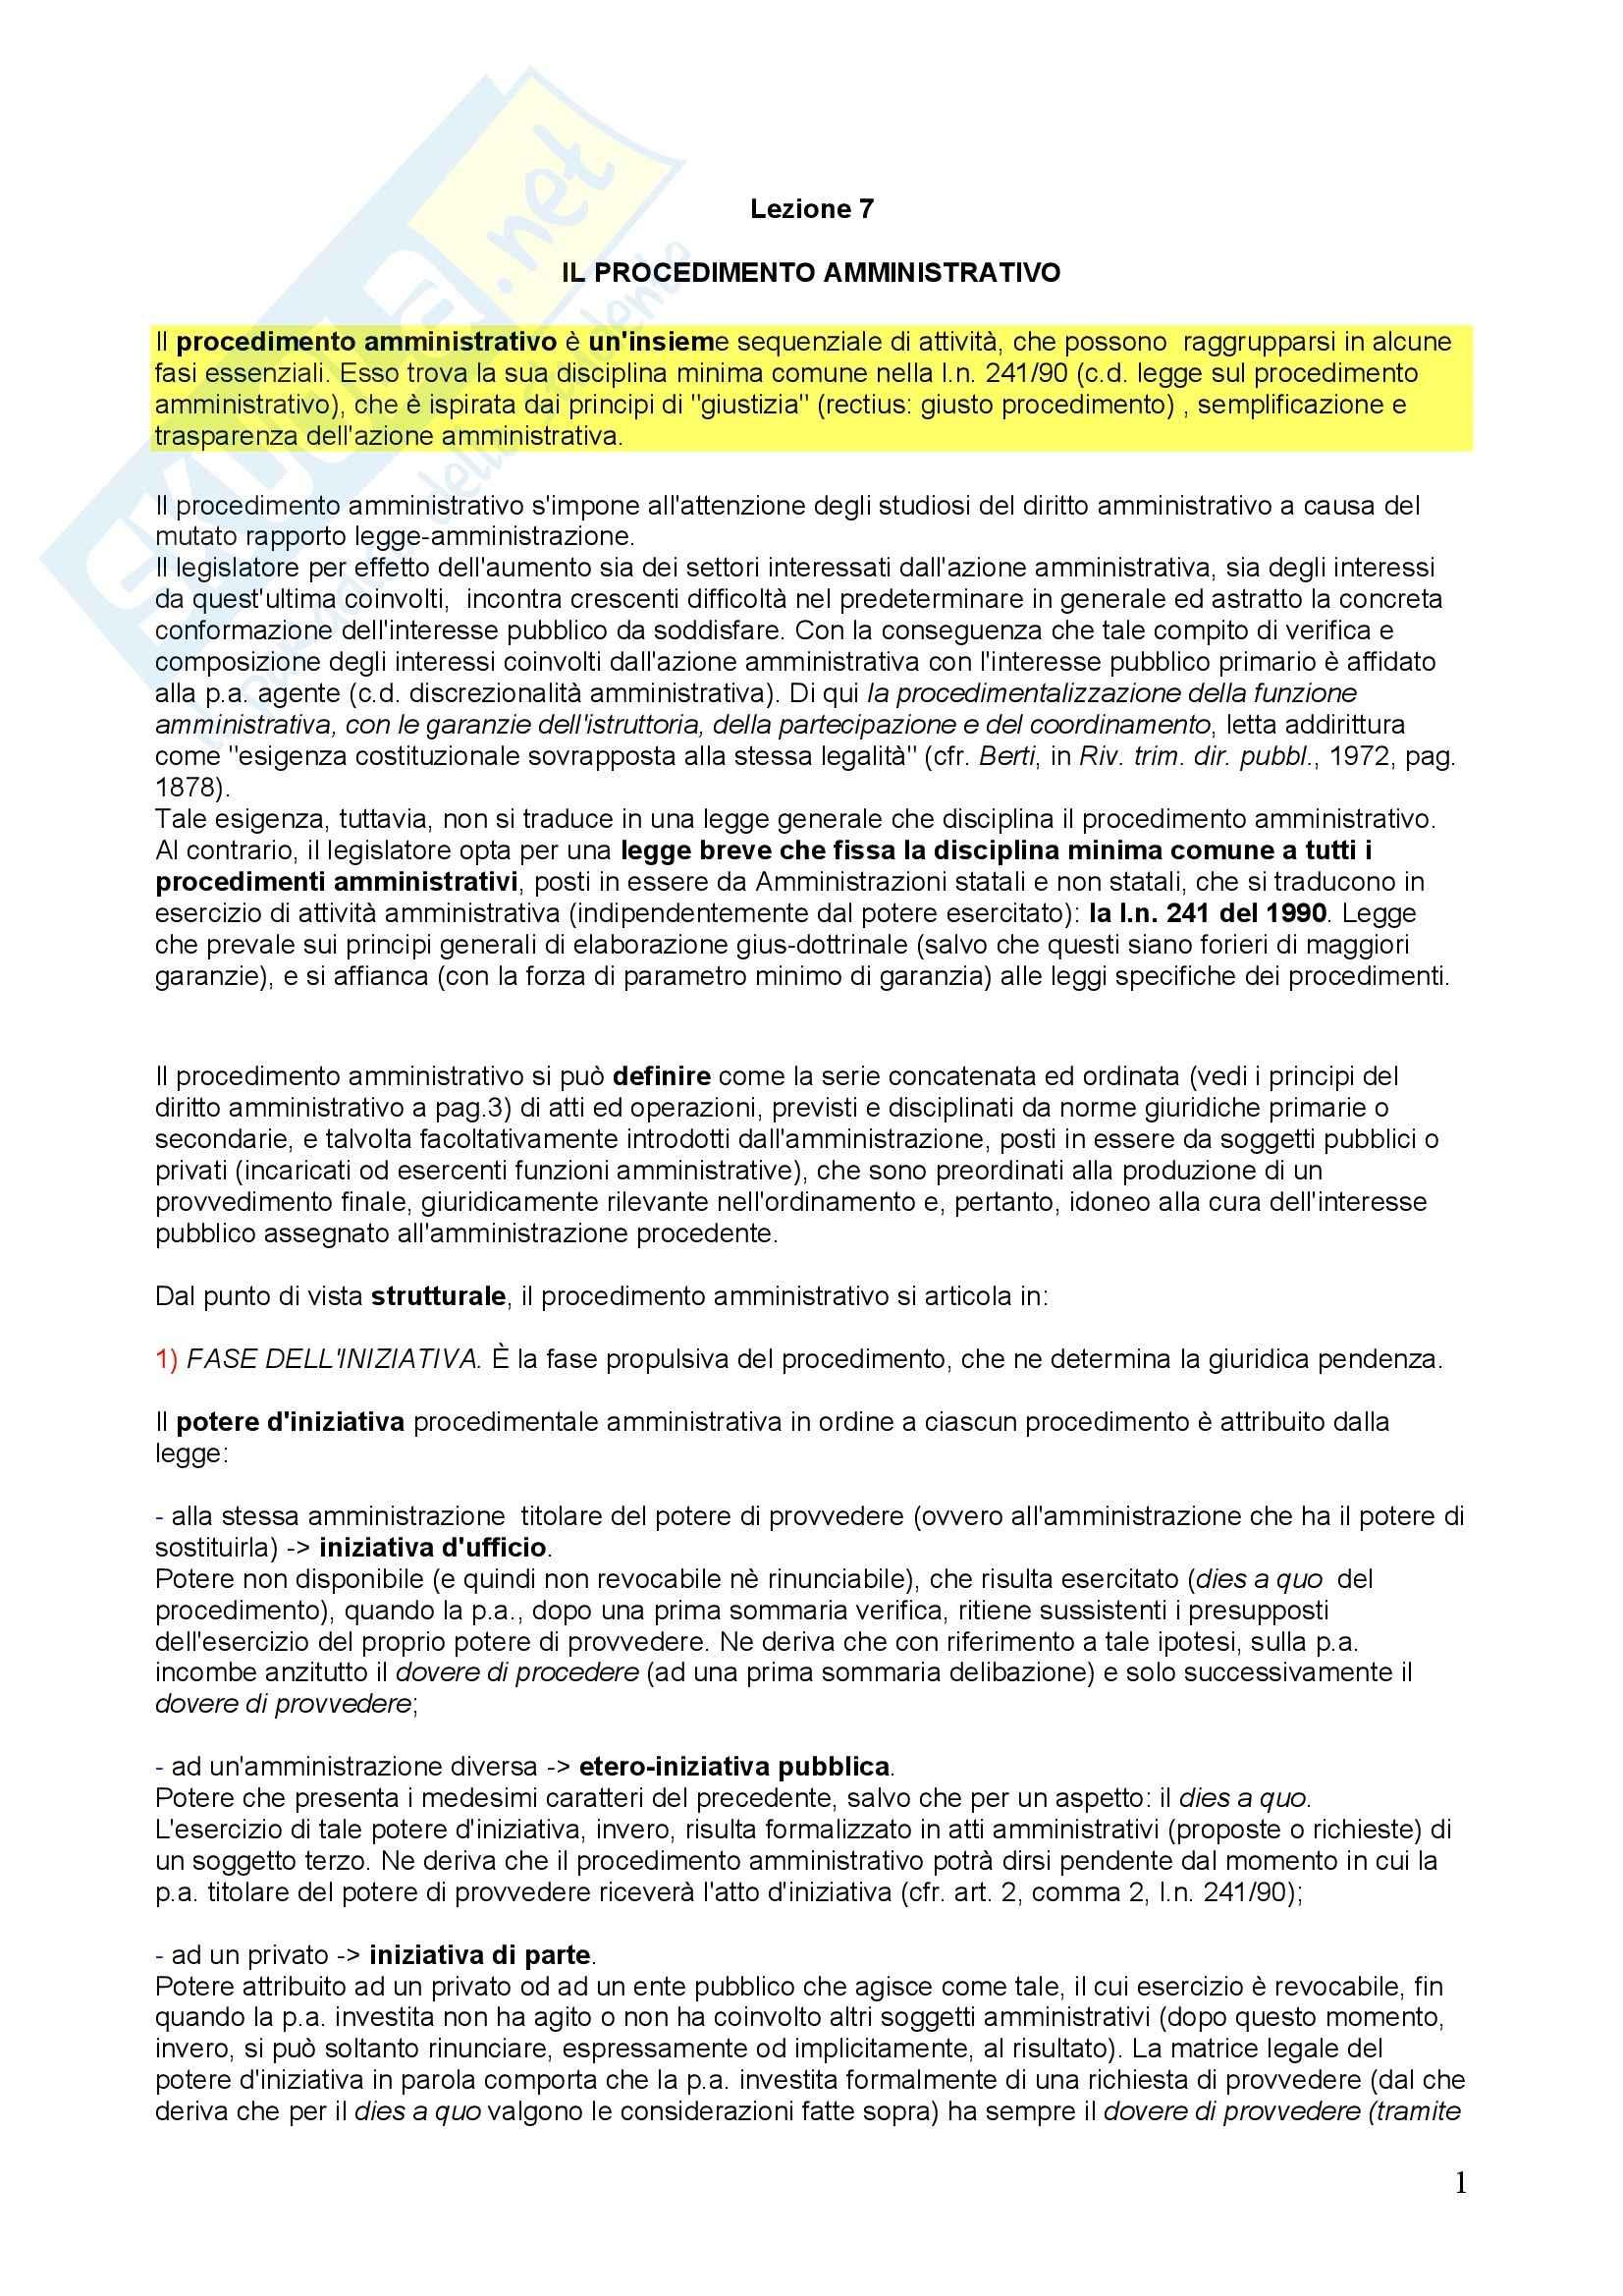 Diritto amministrativo - procedimento amministrativo